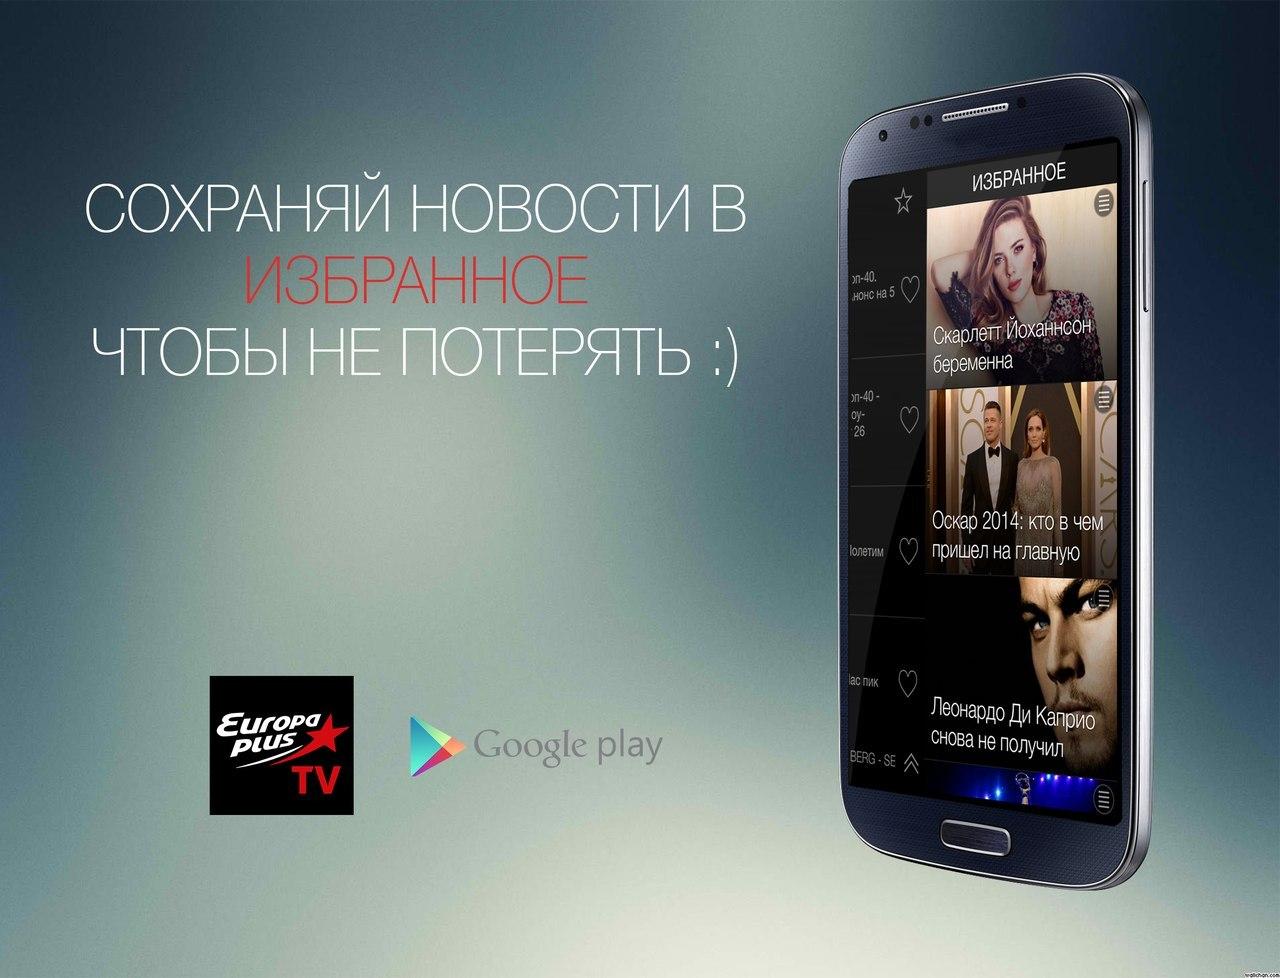 Скачать приложение для мобильного тв